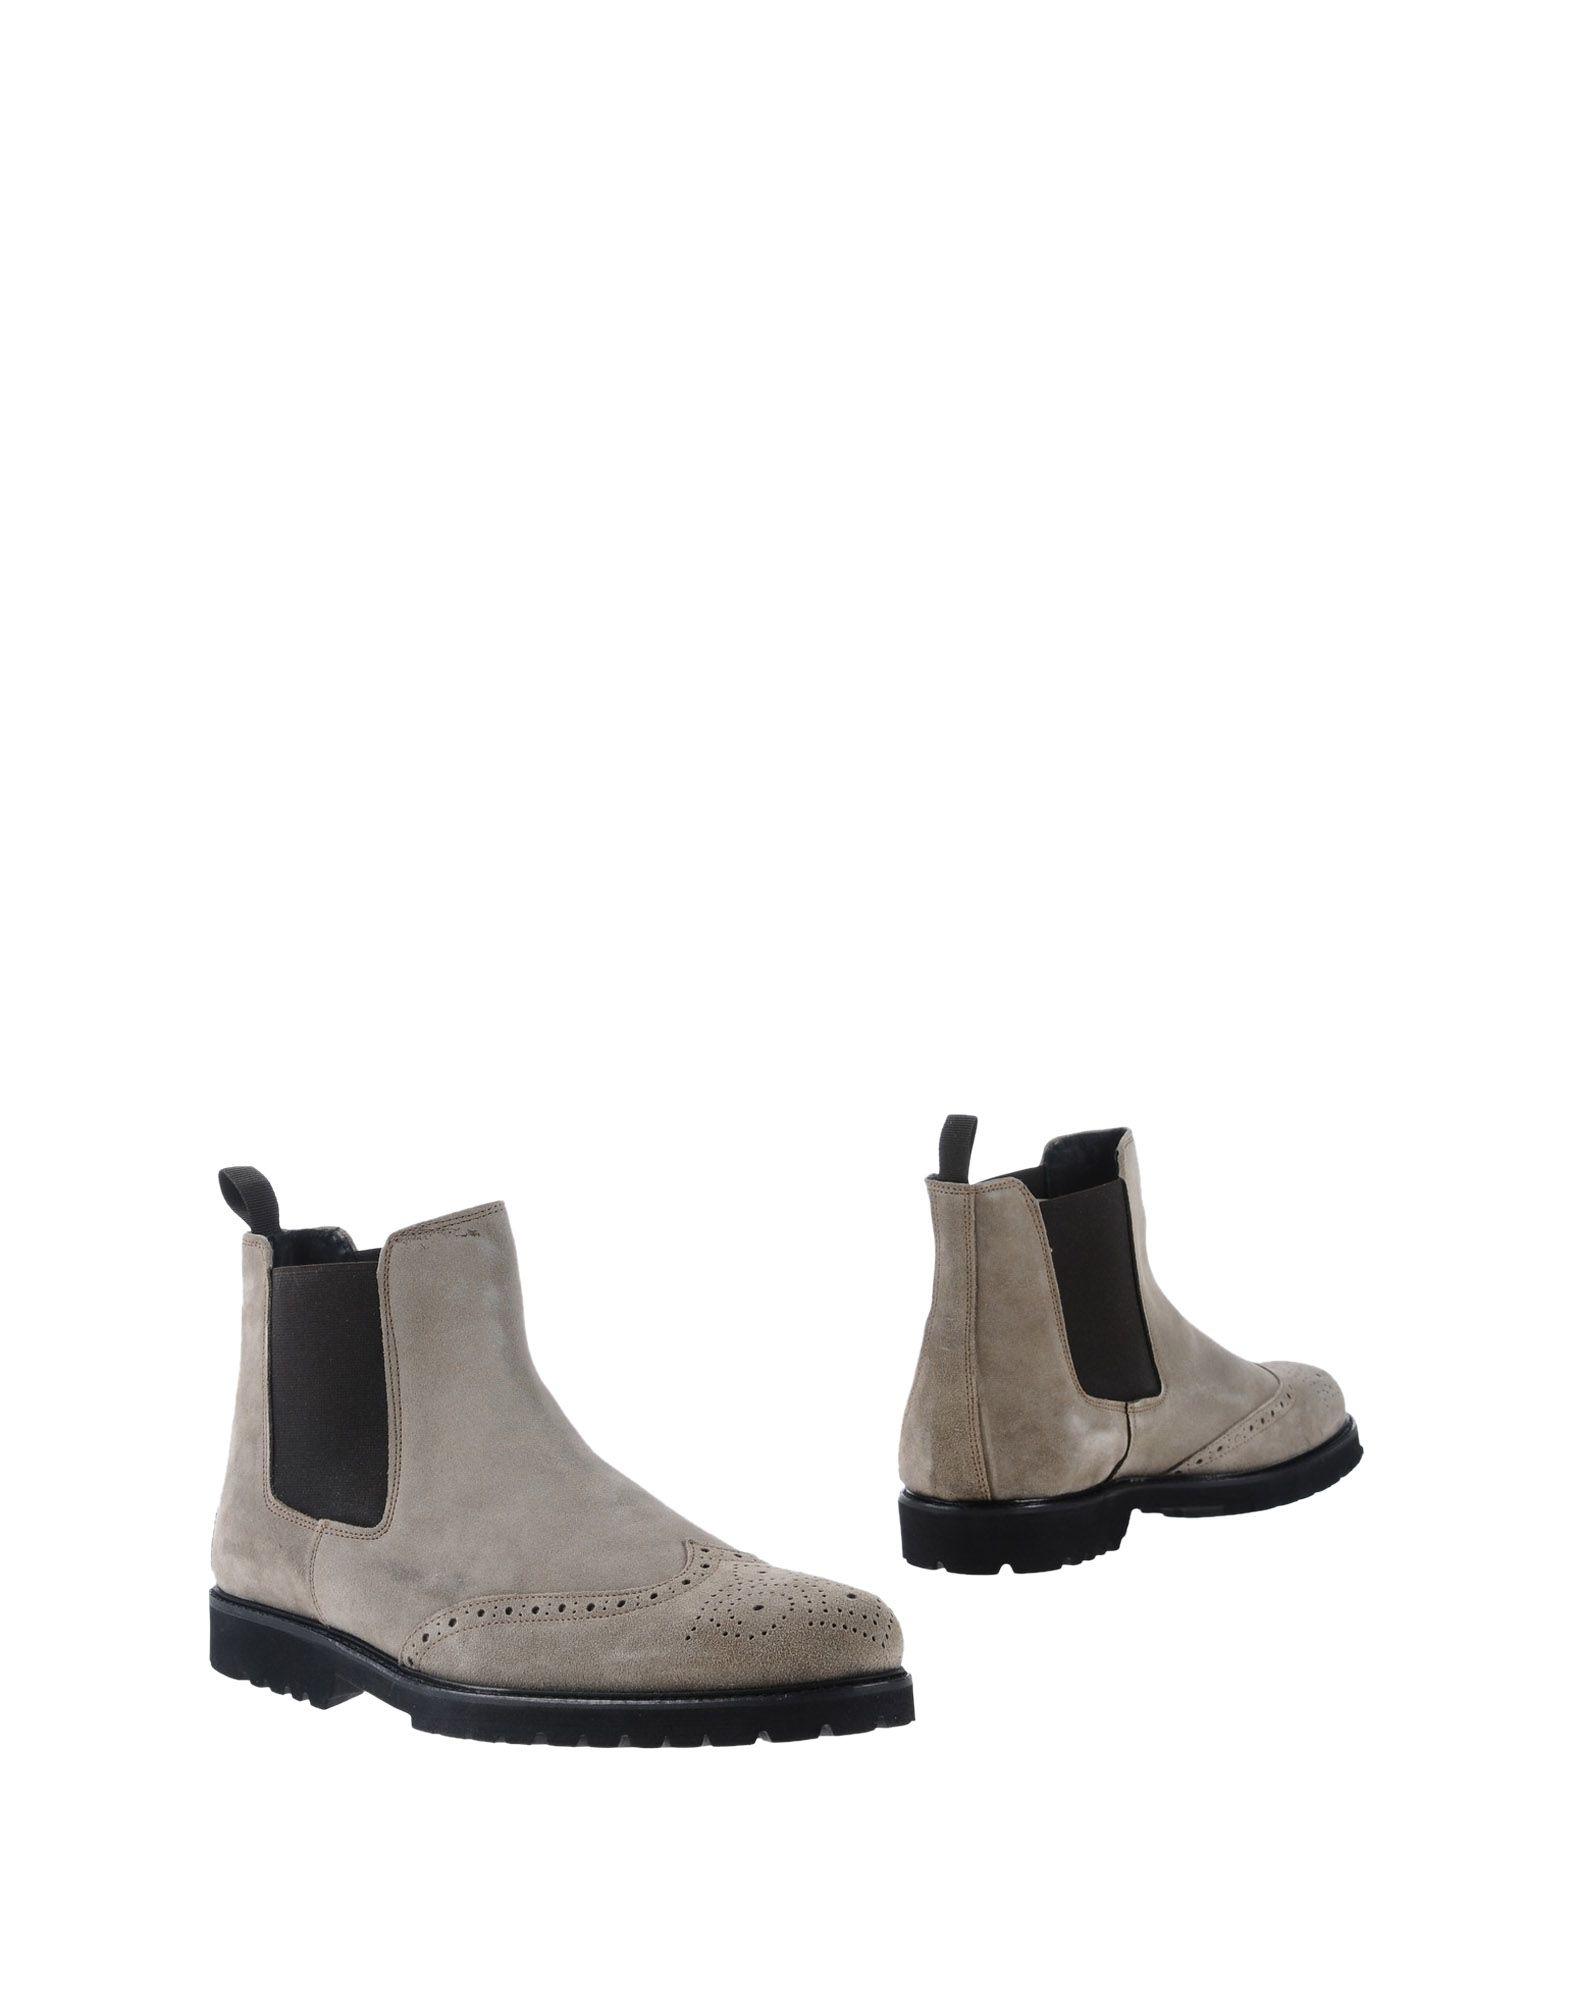 BRUNO VERRI Полусапоги и высокие ботинки купить футбольную форму челси торрес